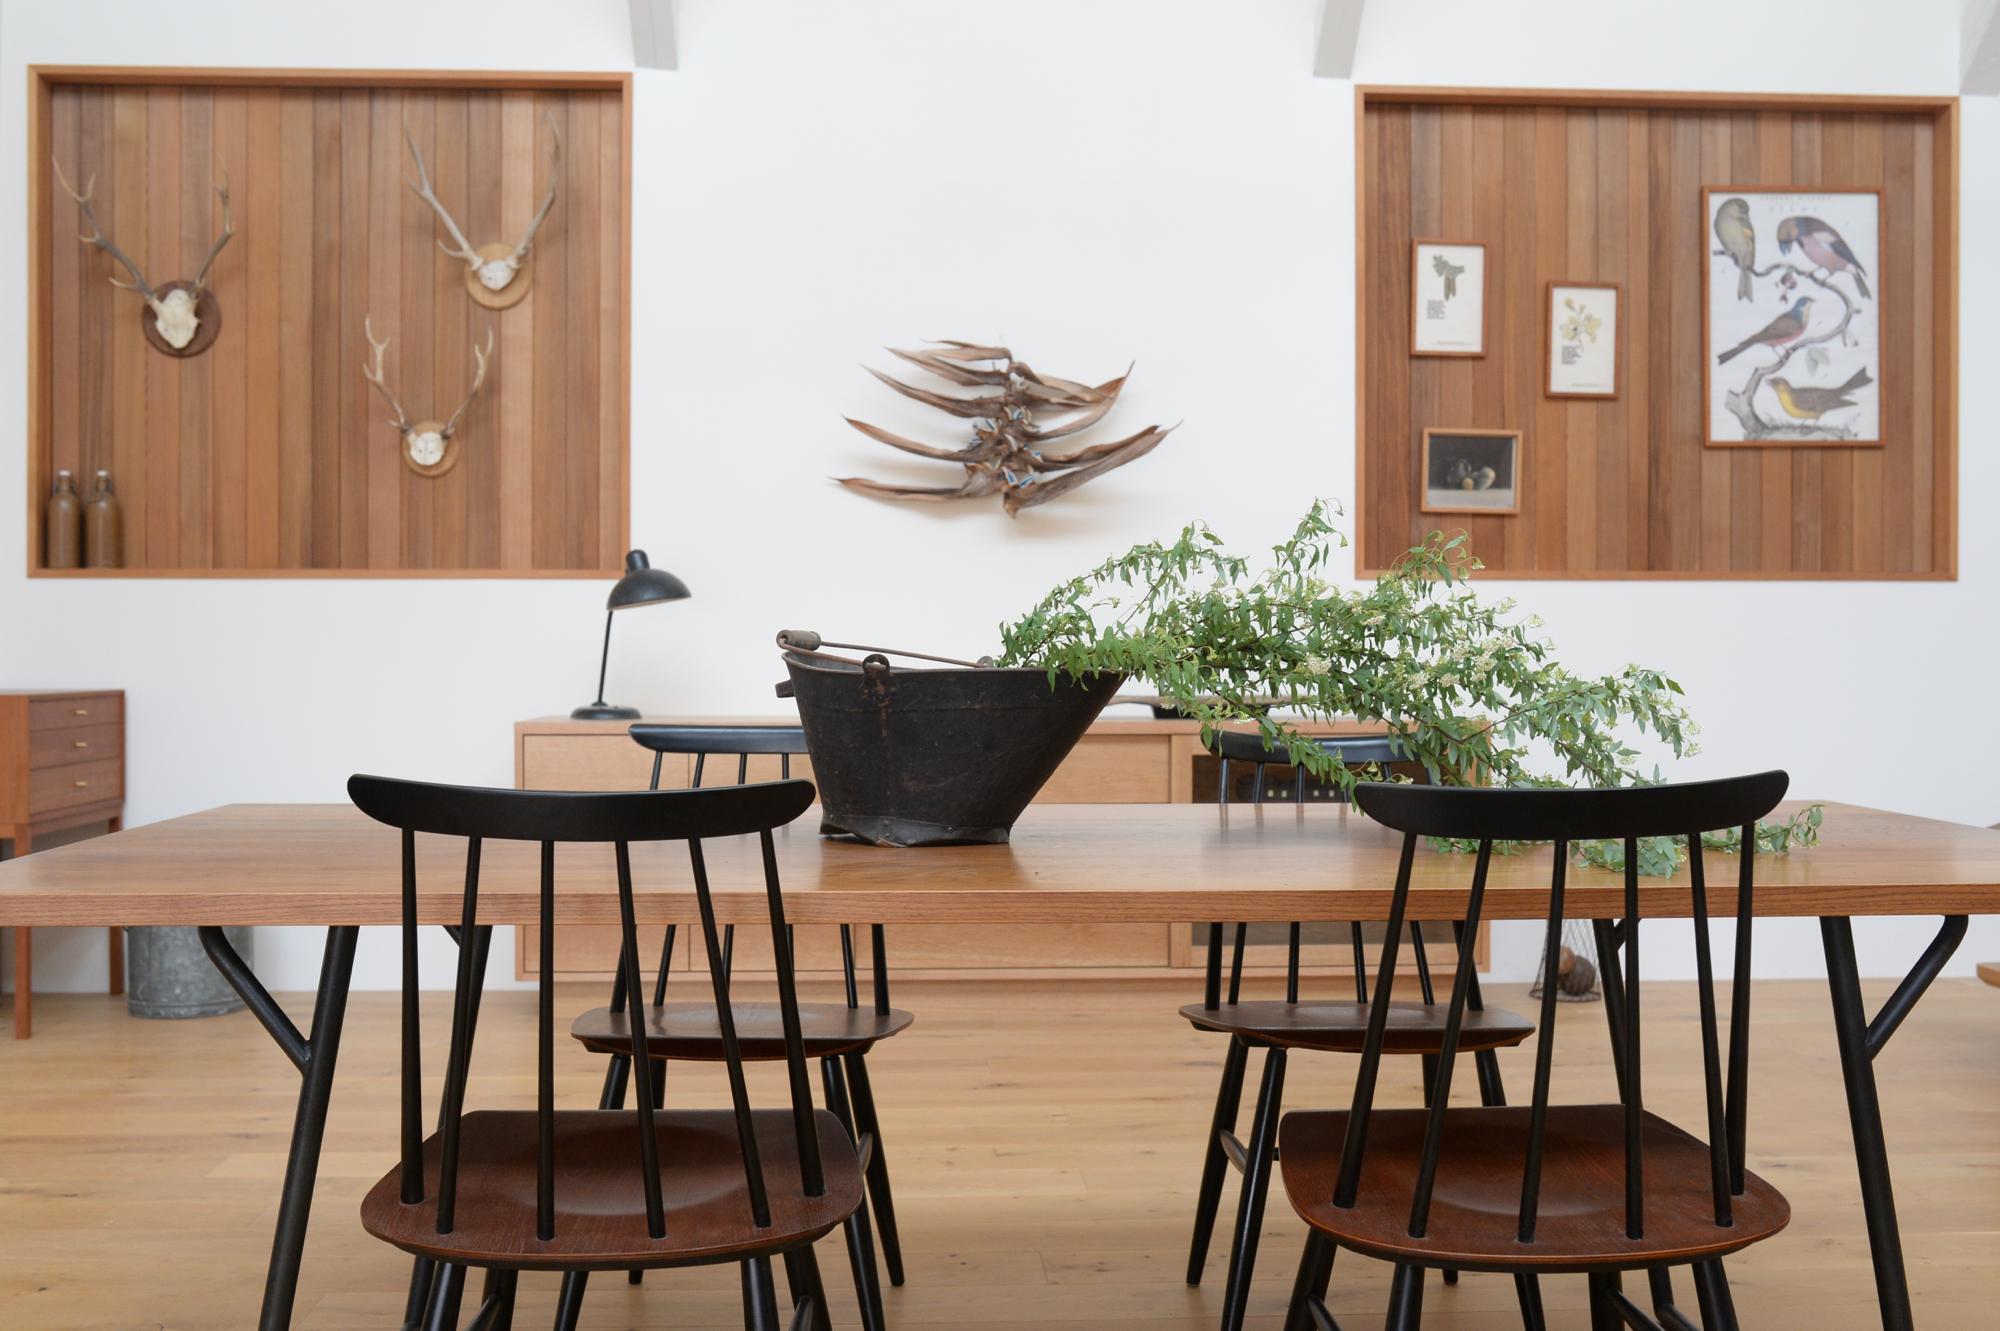 walden ウォルデン オーダー家具